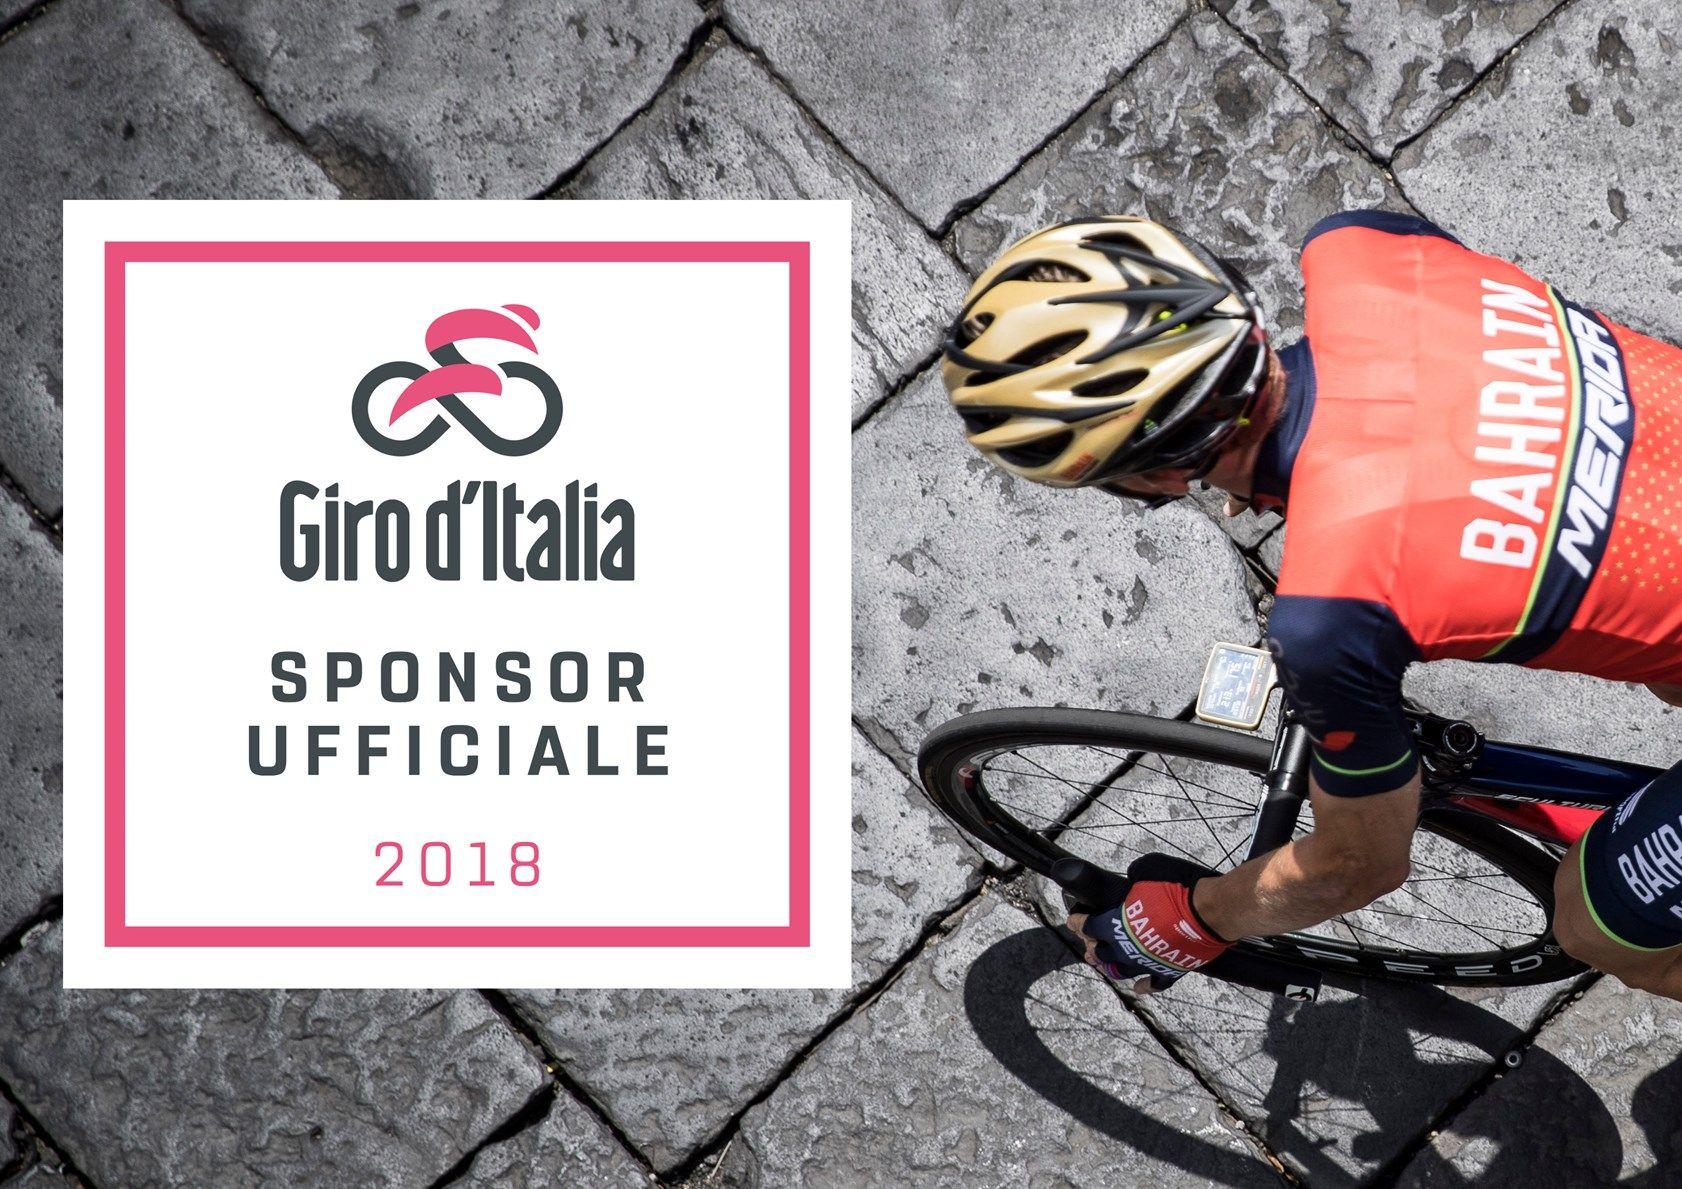 Scrigno Sponsor Ufficiale del Giro d'Italia 2018